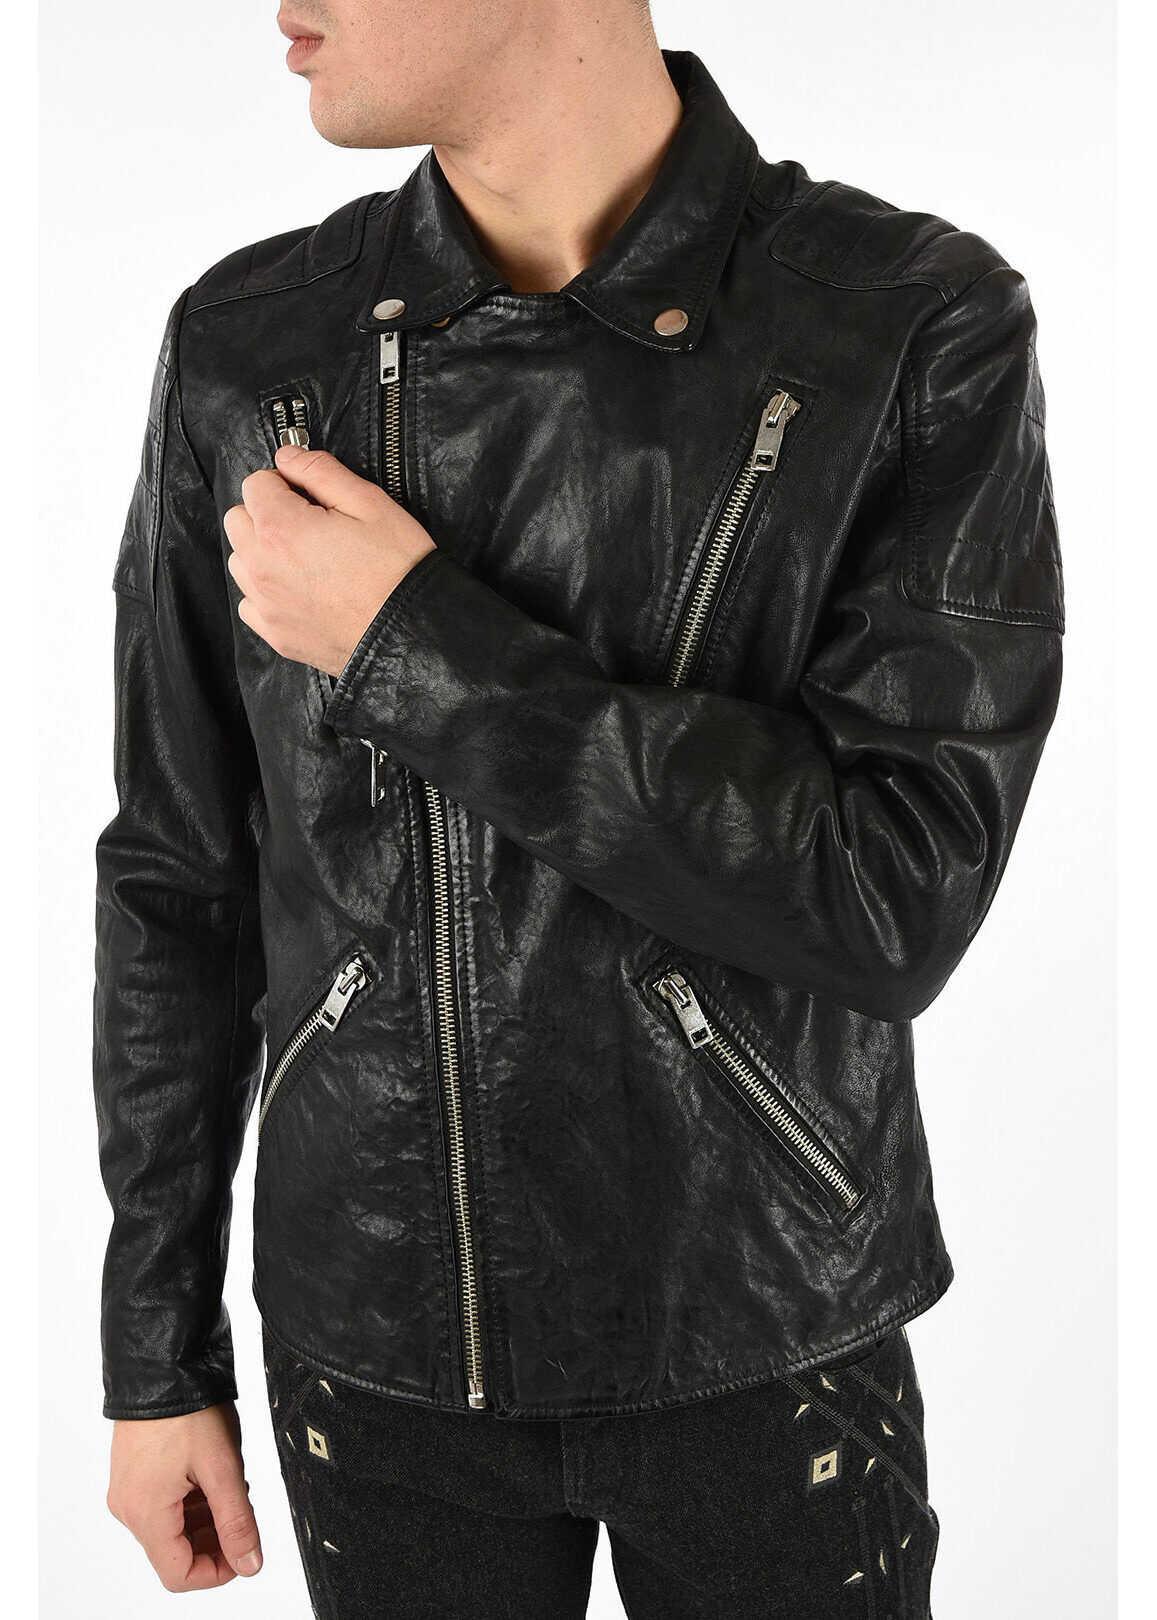 Diesel Leather R-PUSMIR Jacket BLACK imagine